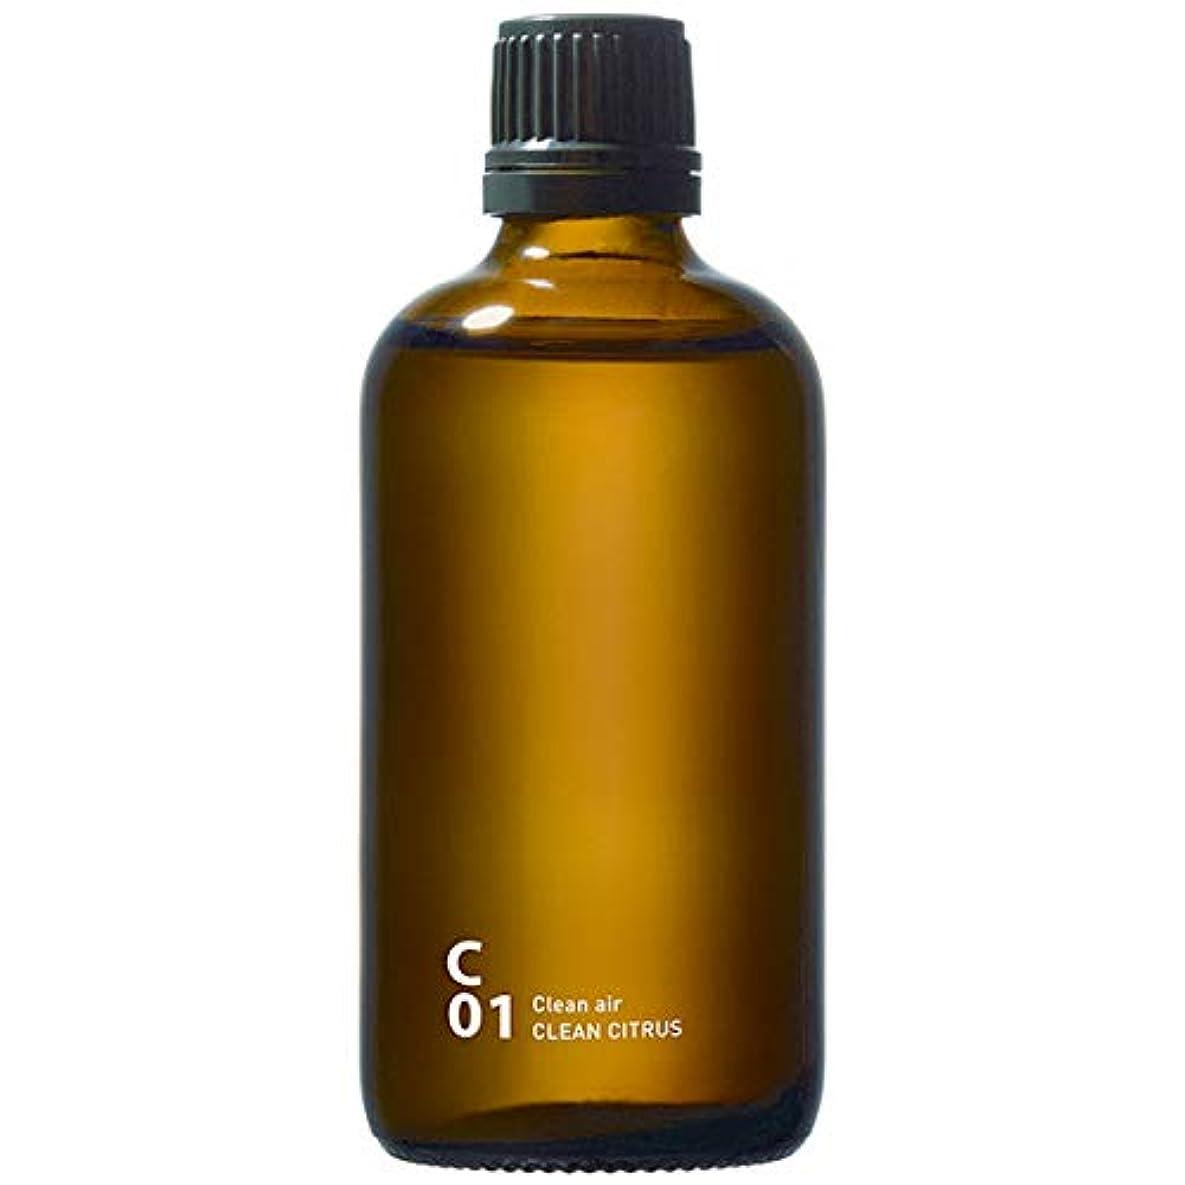 角度安西壊れたC01 CLEAN CITRUS piezo aroma oil 100ml